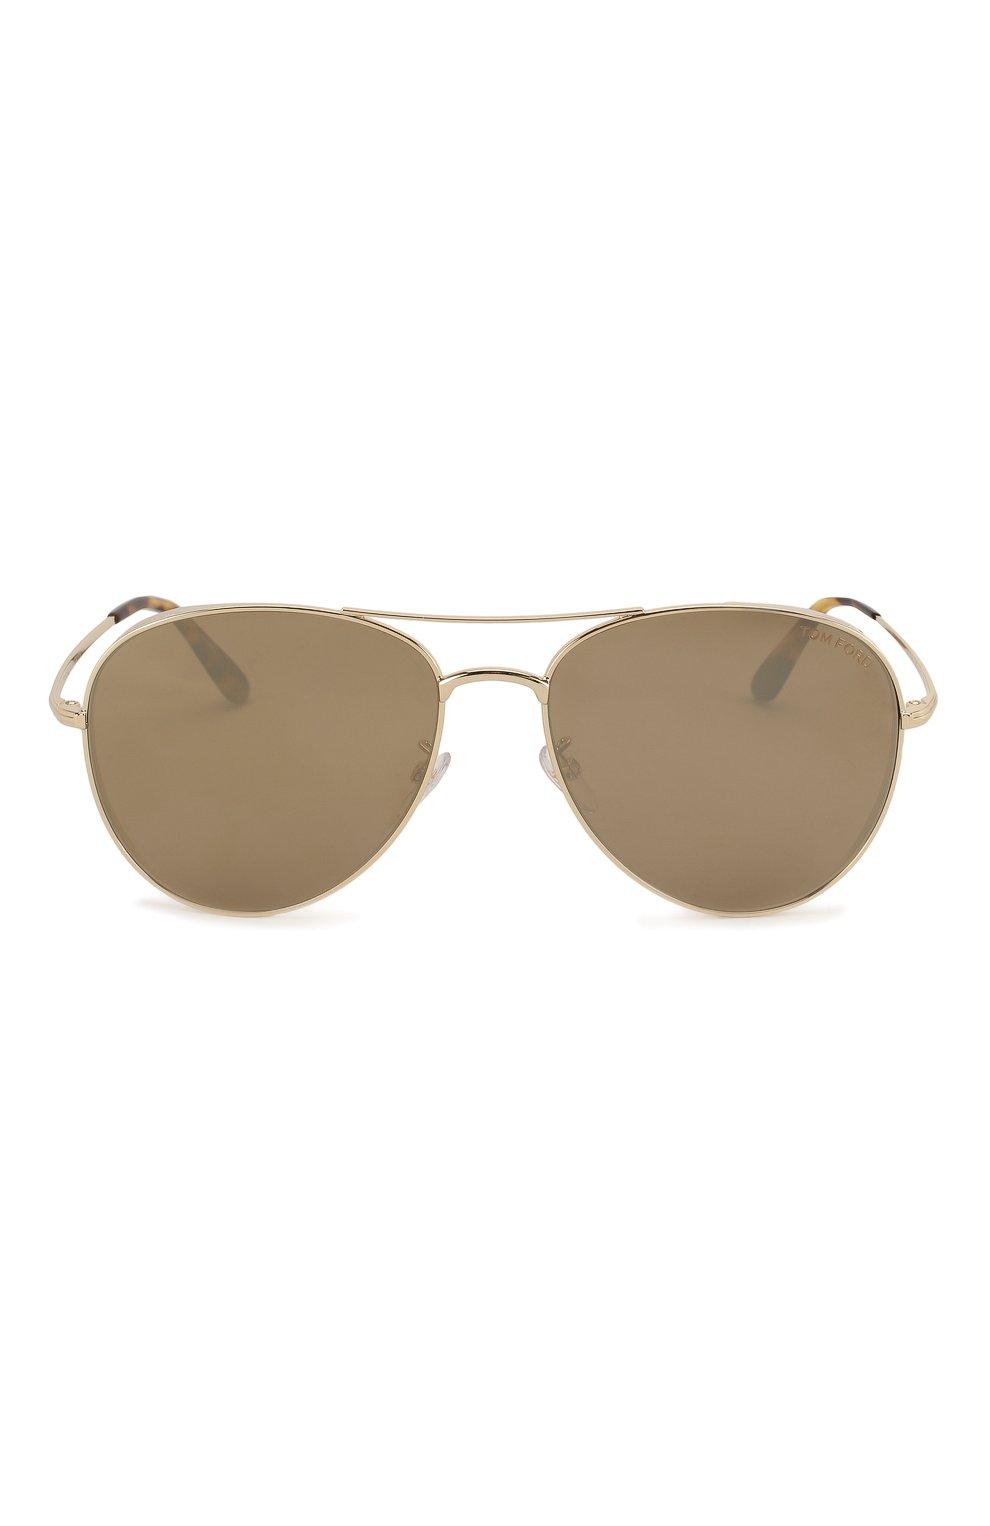 Женские солнцезащитные очки TOM FORD золотого цвета, арт. TF723-K 32G | Фото 4